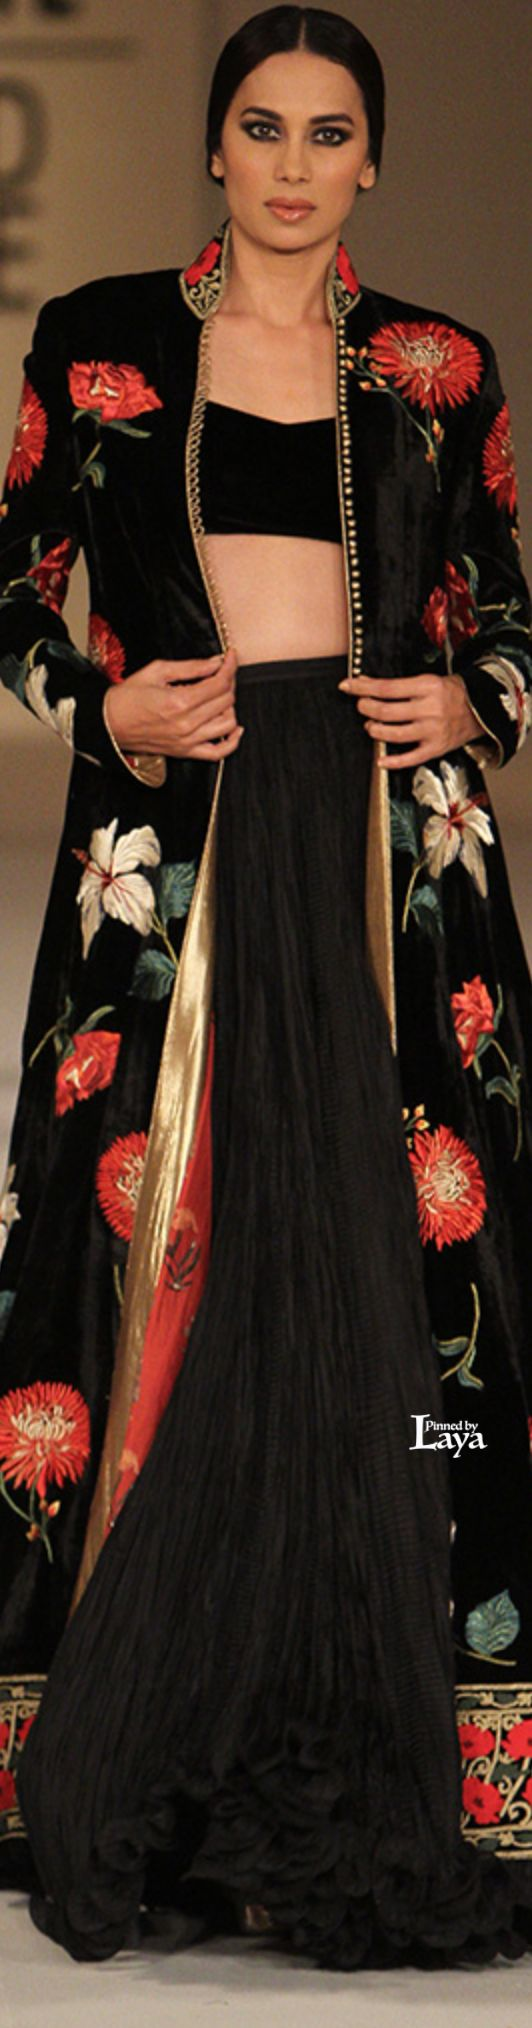 Rohit Bal at Lakmé Fashion Week summer/resort 2016